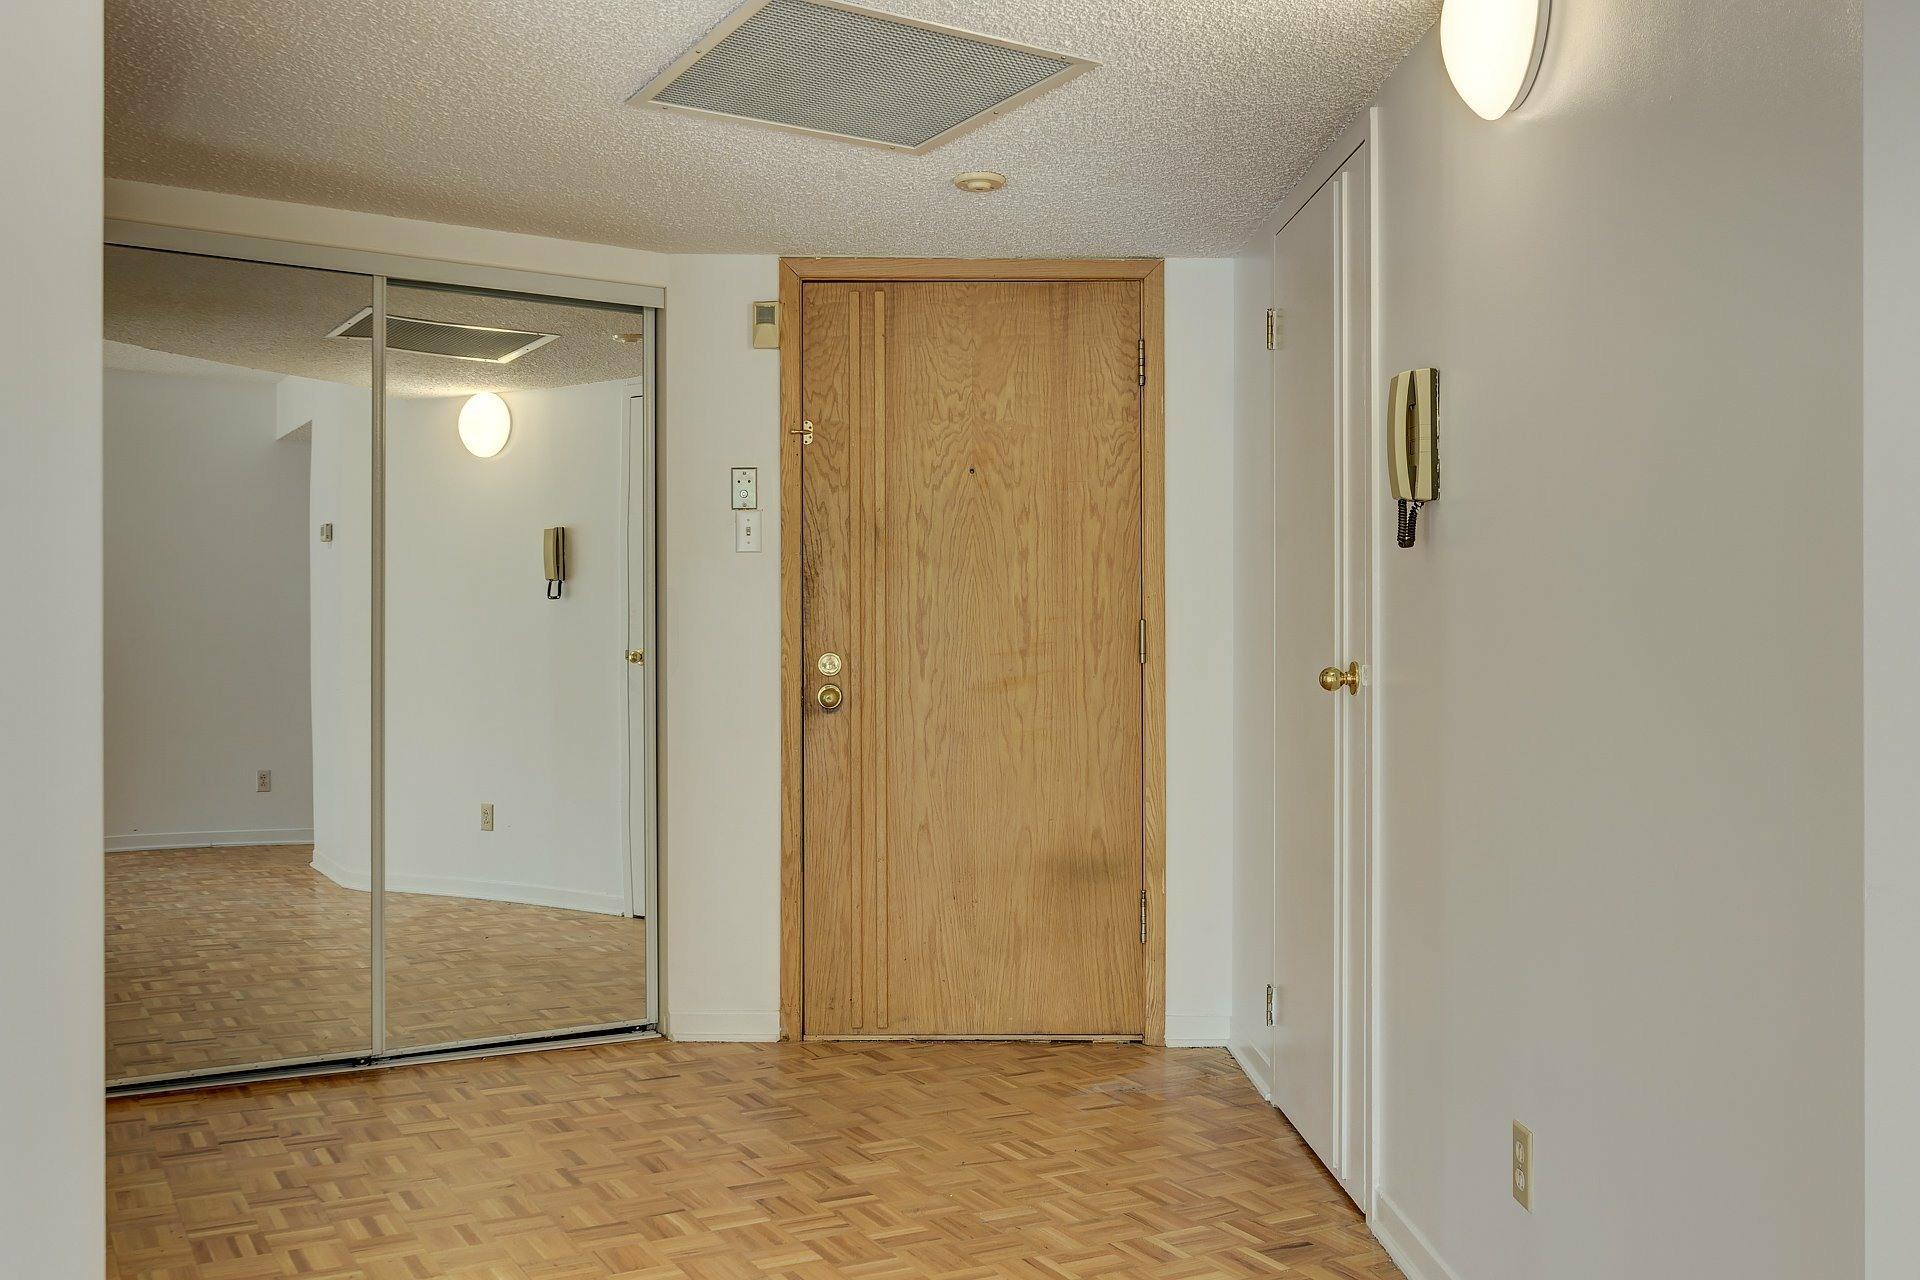 image 17 - Apartment For rent Ville-Marie Montréal  - 5 rooms